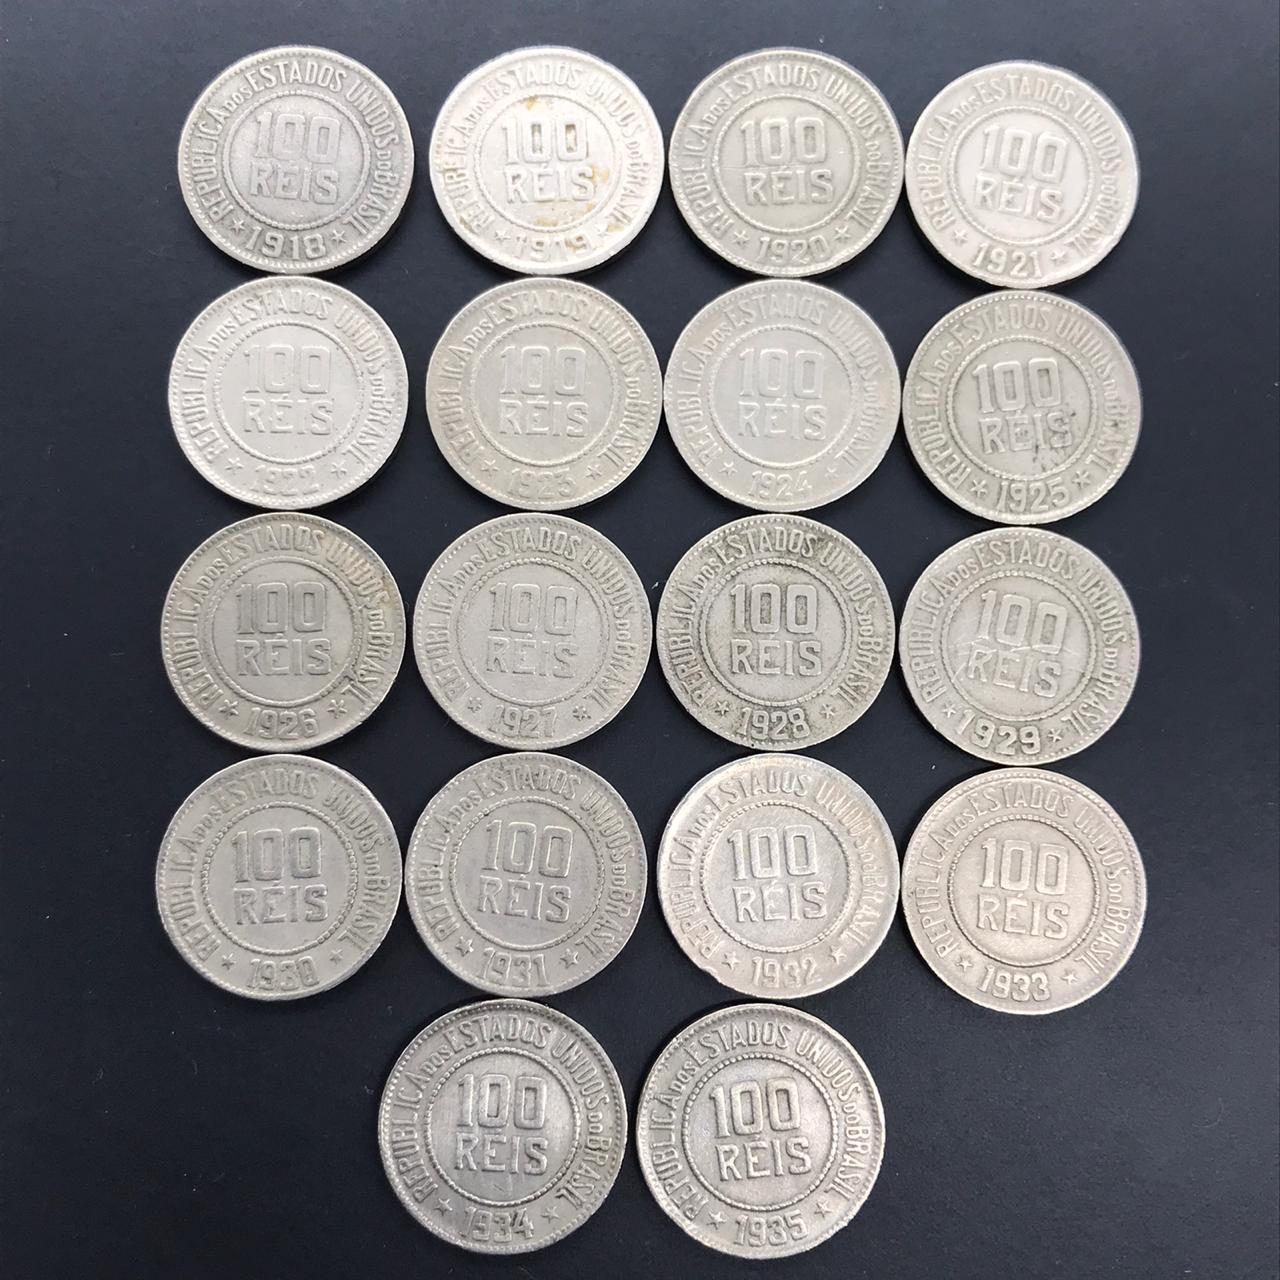 SERIE 100 REIS 1918-1935